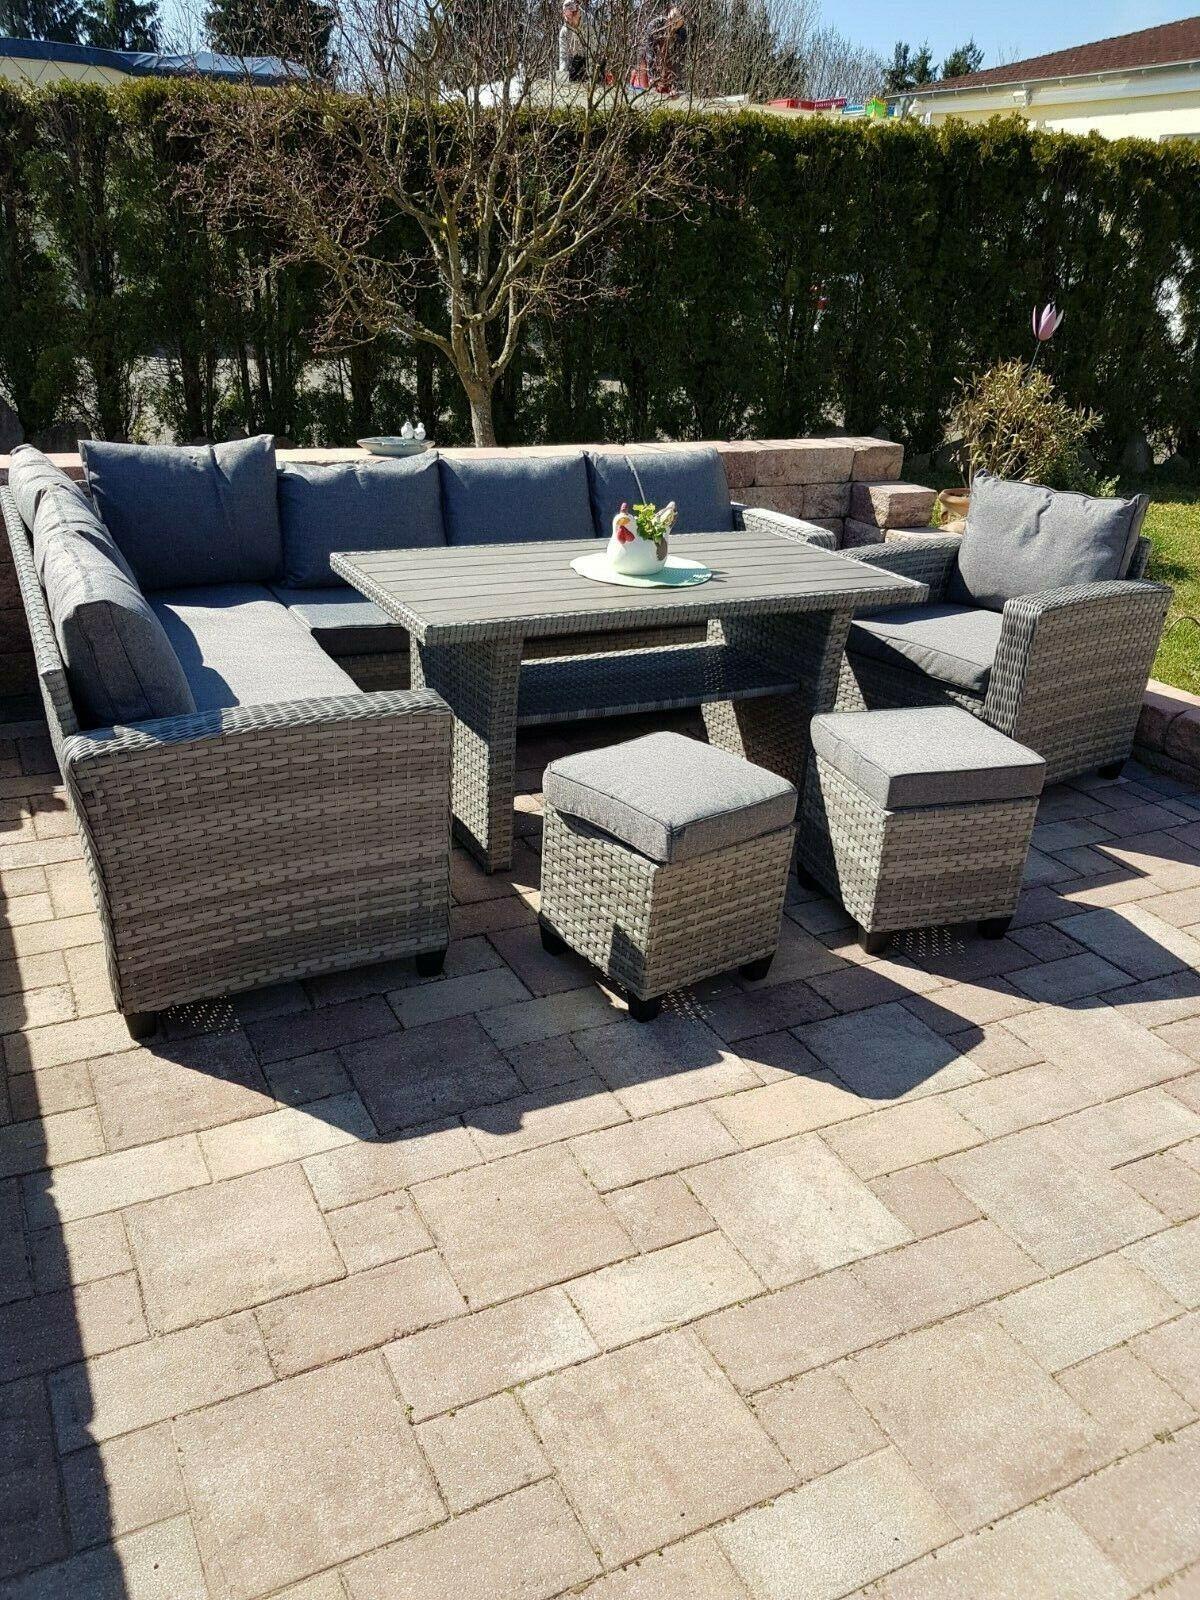 Poly RattanPremium Gartenmöbel Essgruppe Lounge Sitzgruppe Garten Garnitur Alu